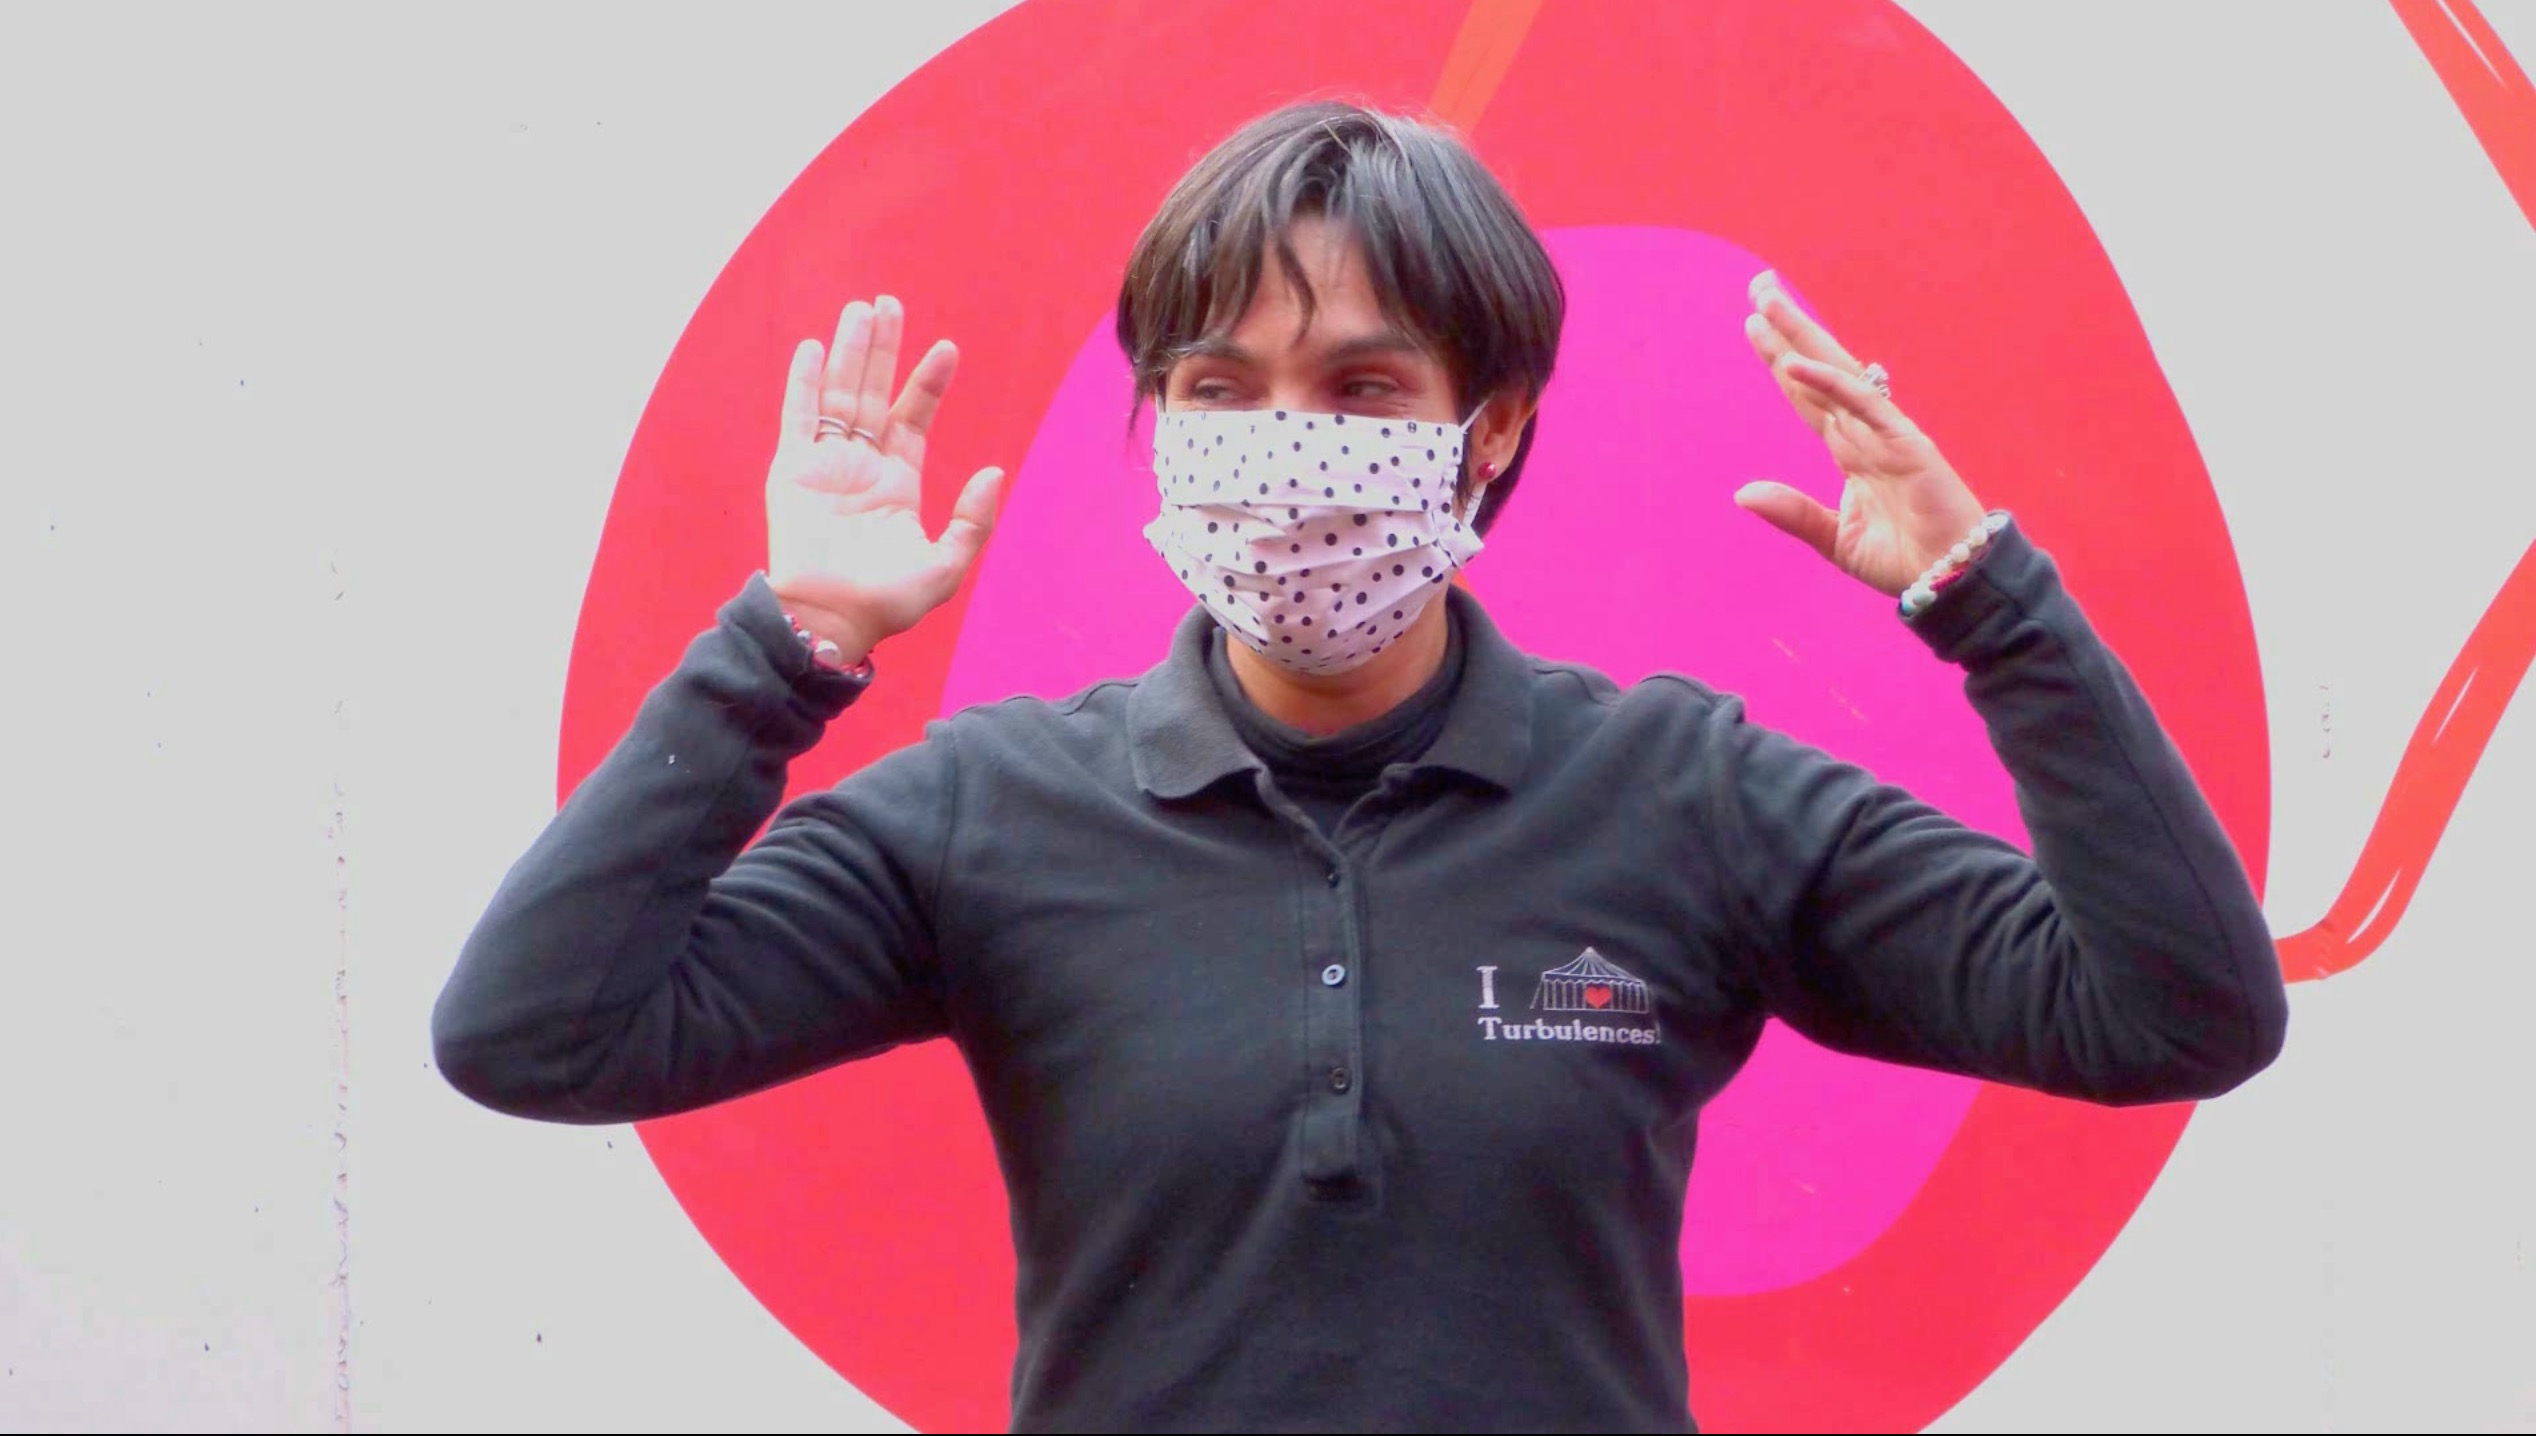 Achetez nos Turbu'masques sur notre boutique en ligne !